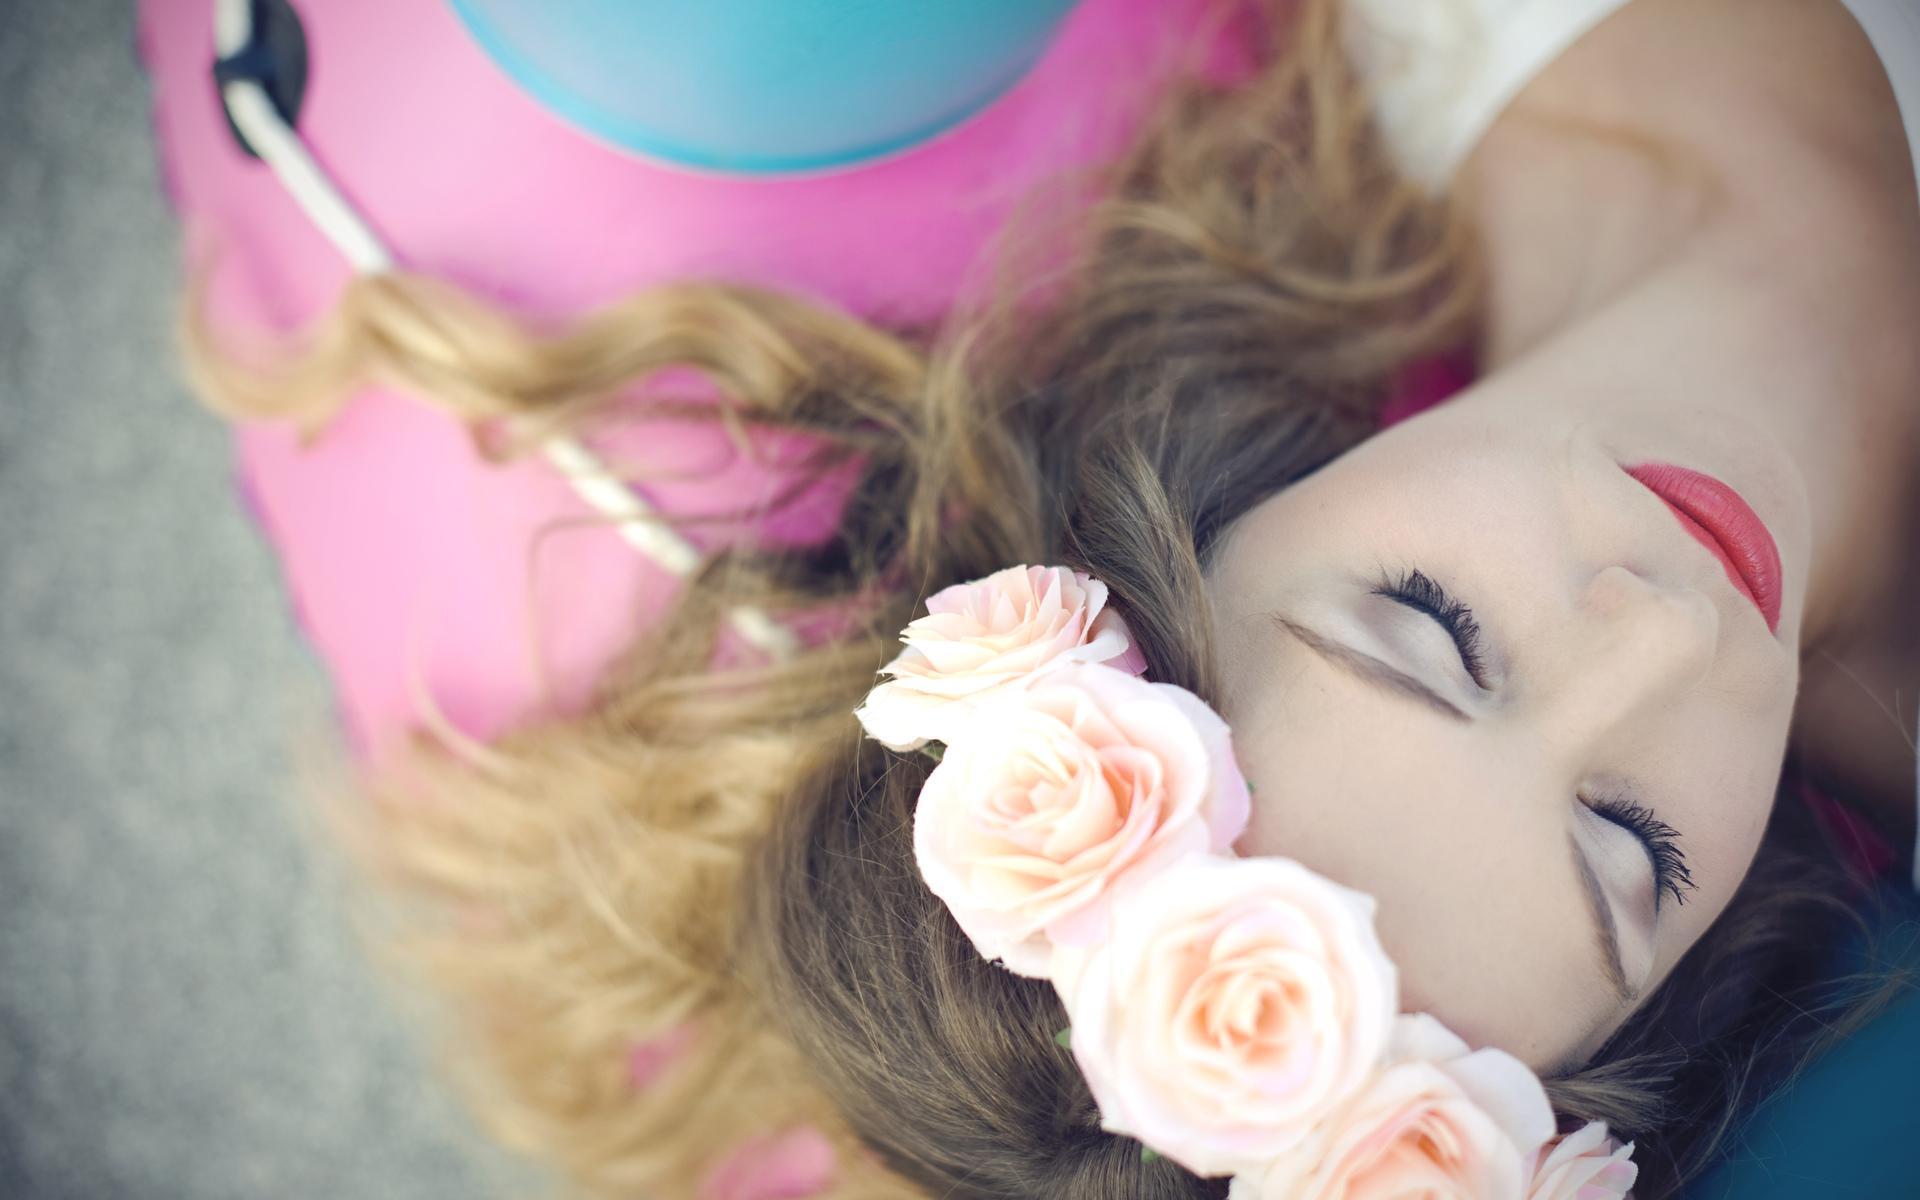 Девушка брюнетка с венком из роз в хорошем настроении, 1920 на 1200 пикселей